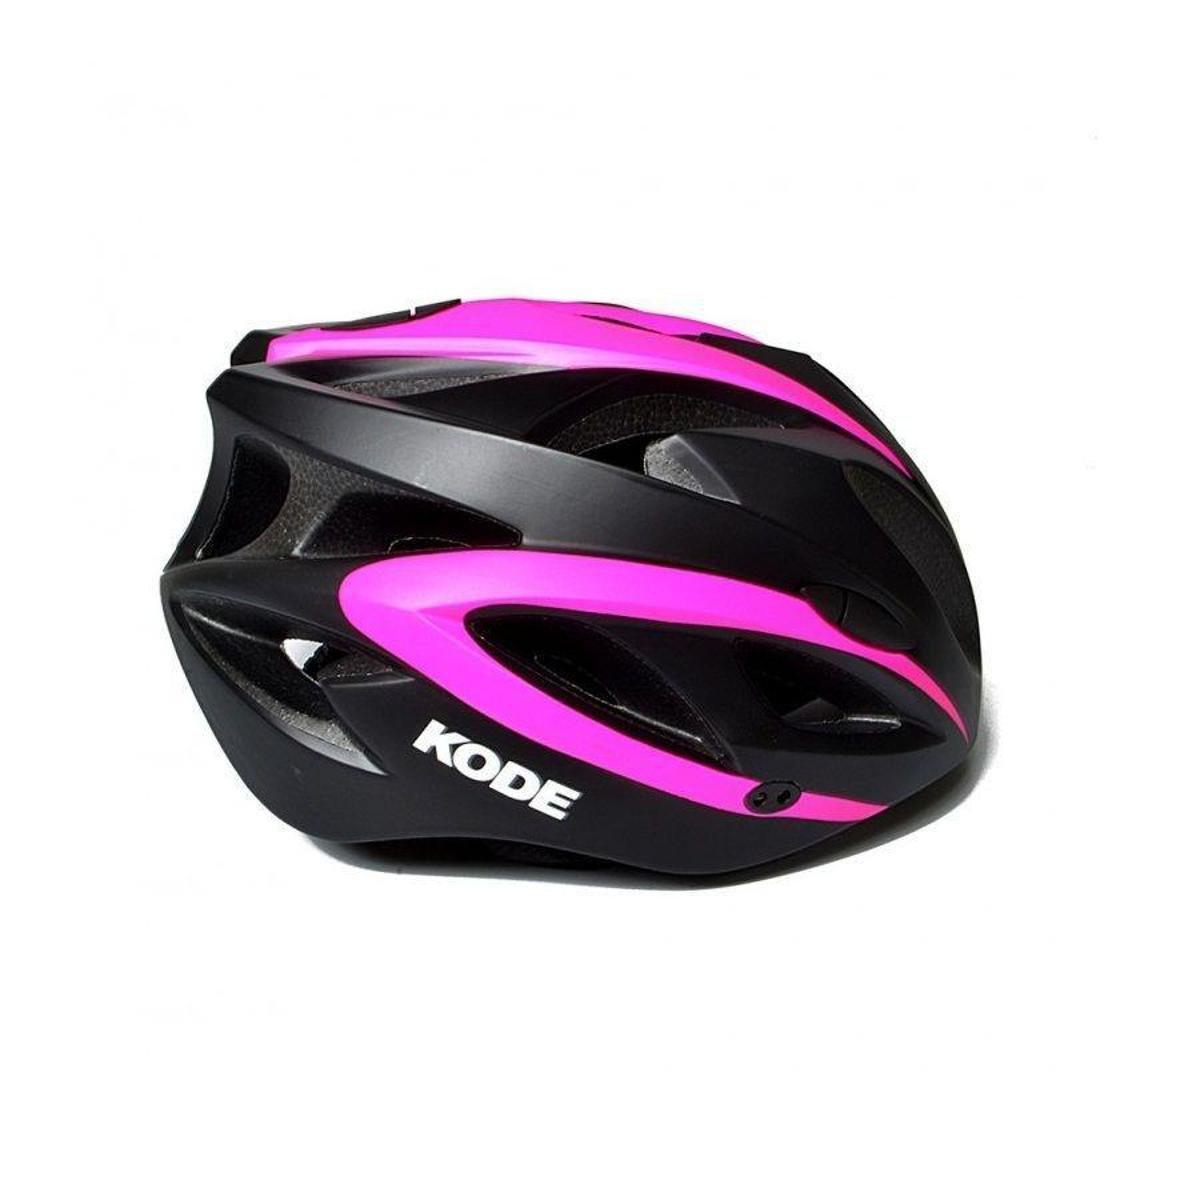 Capacete de ciclismo Kode Eagle - Preto e Rosa | Netshoes